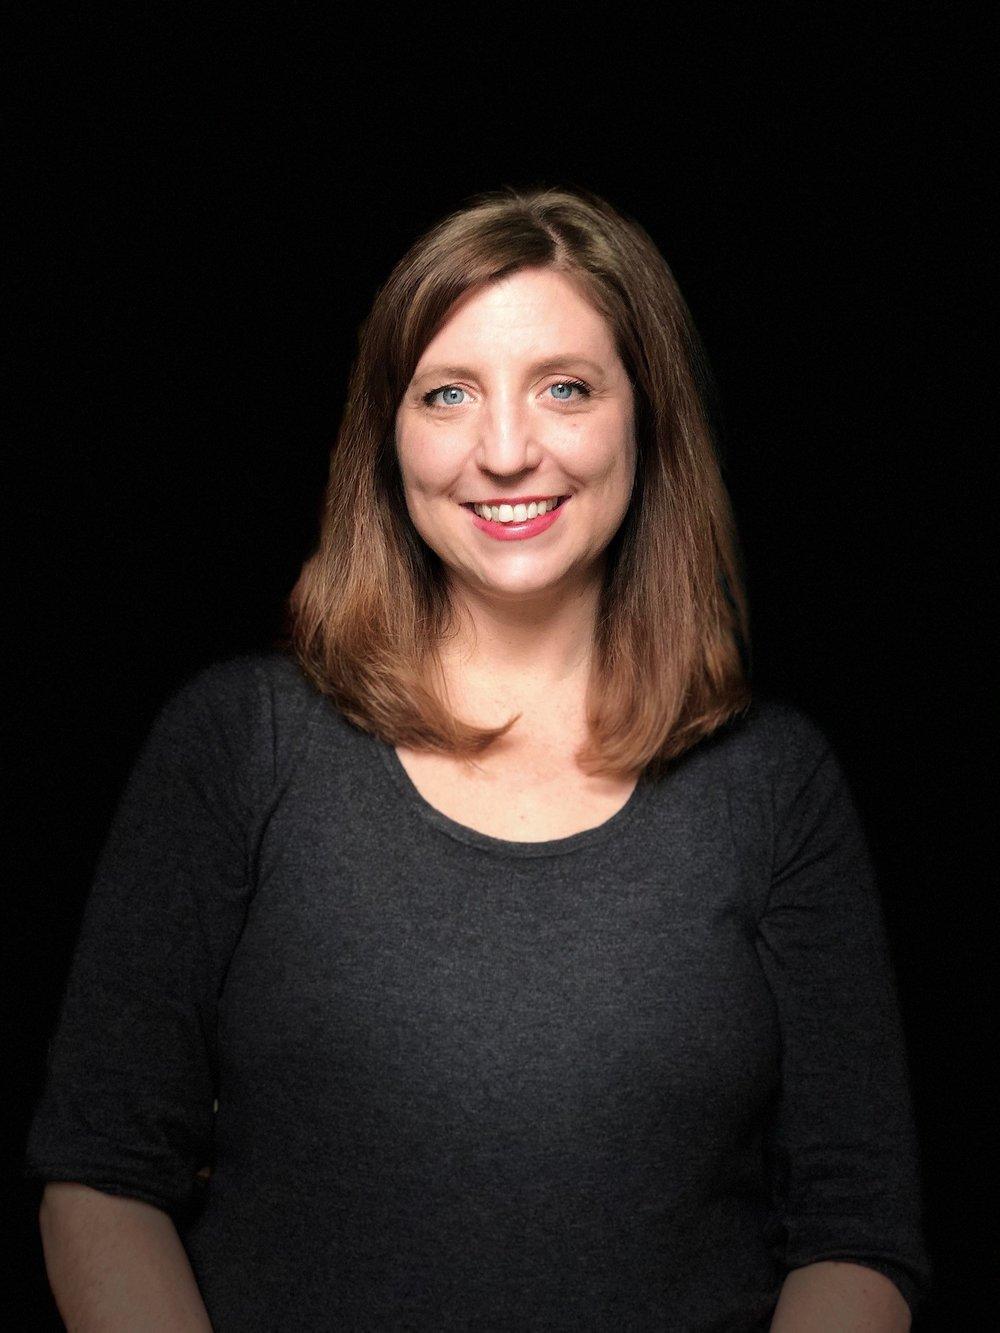 Sarah Paradoski - Program Coordinatorsarah@irwpstl.org